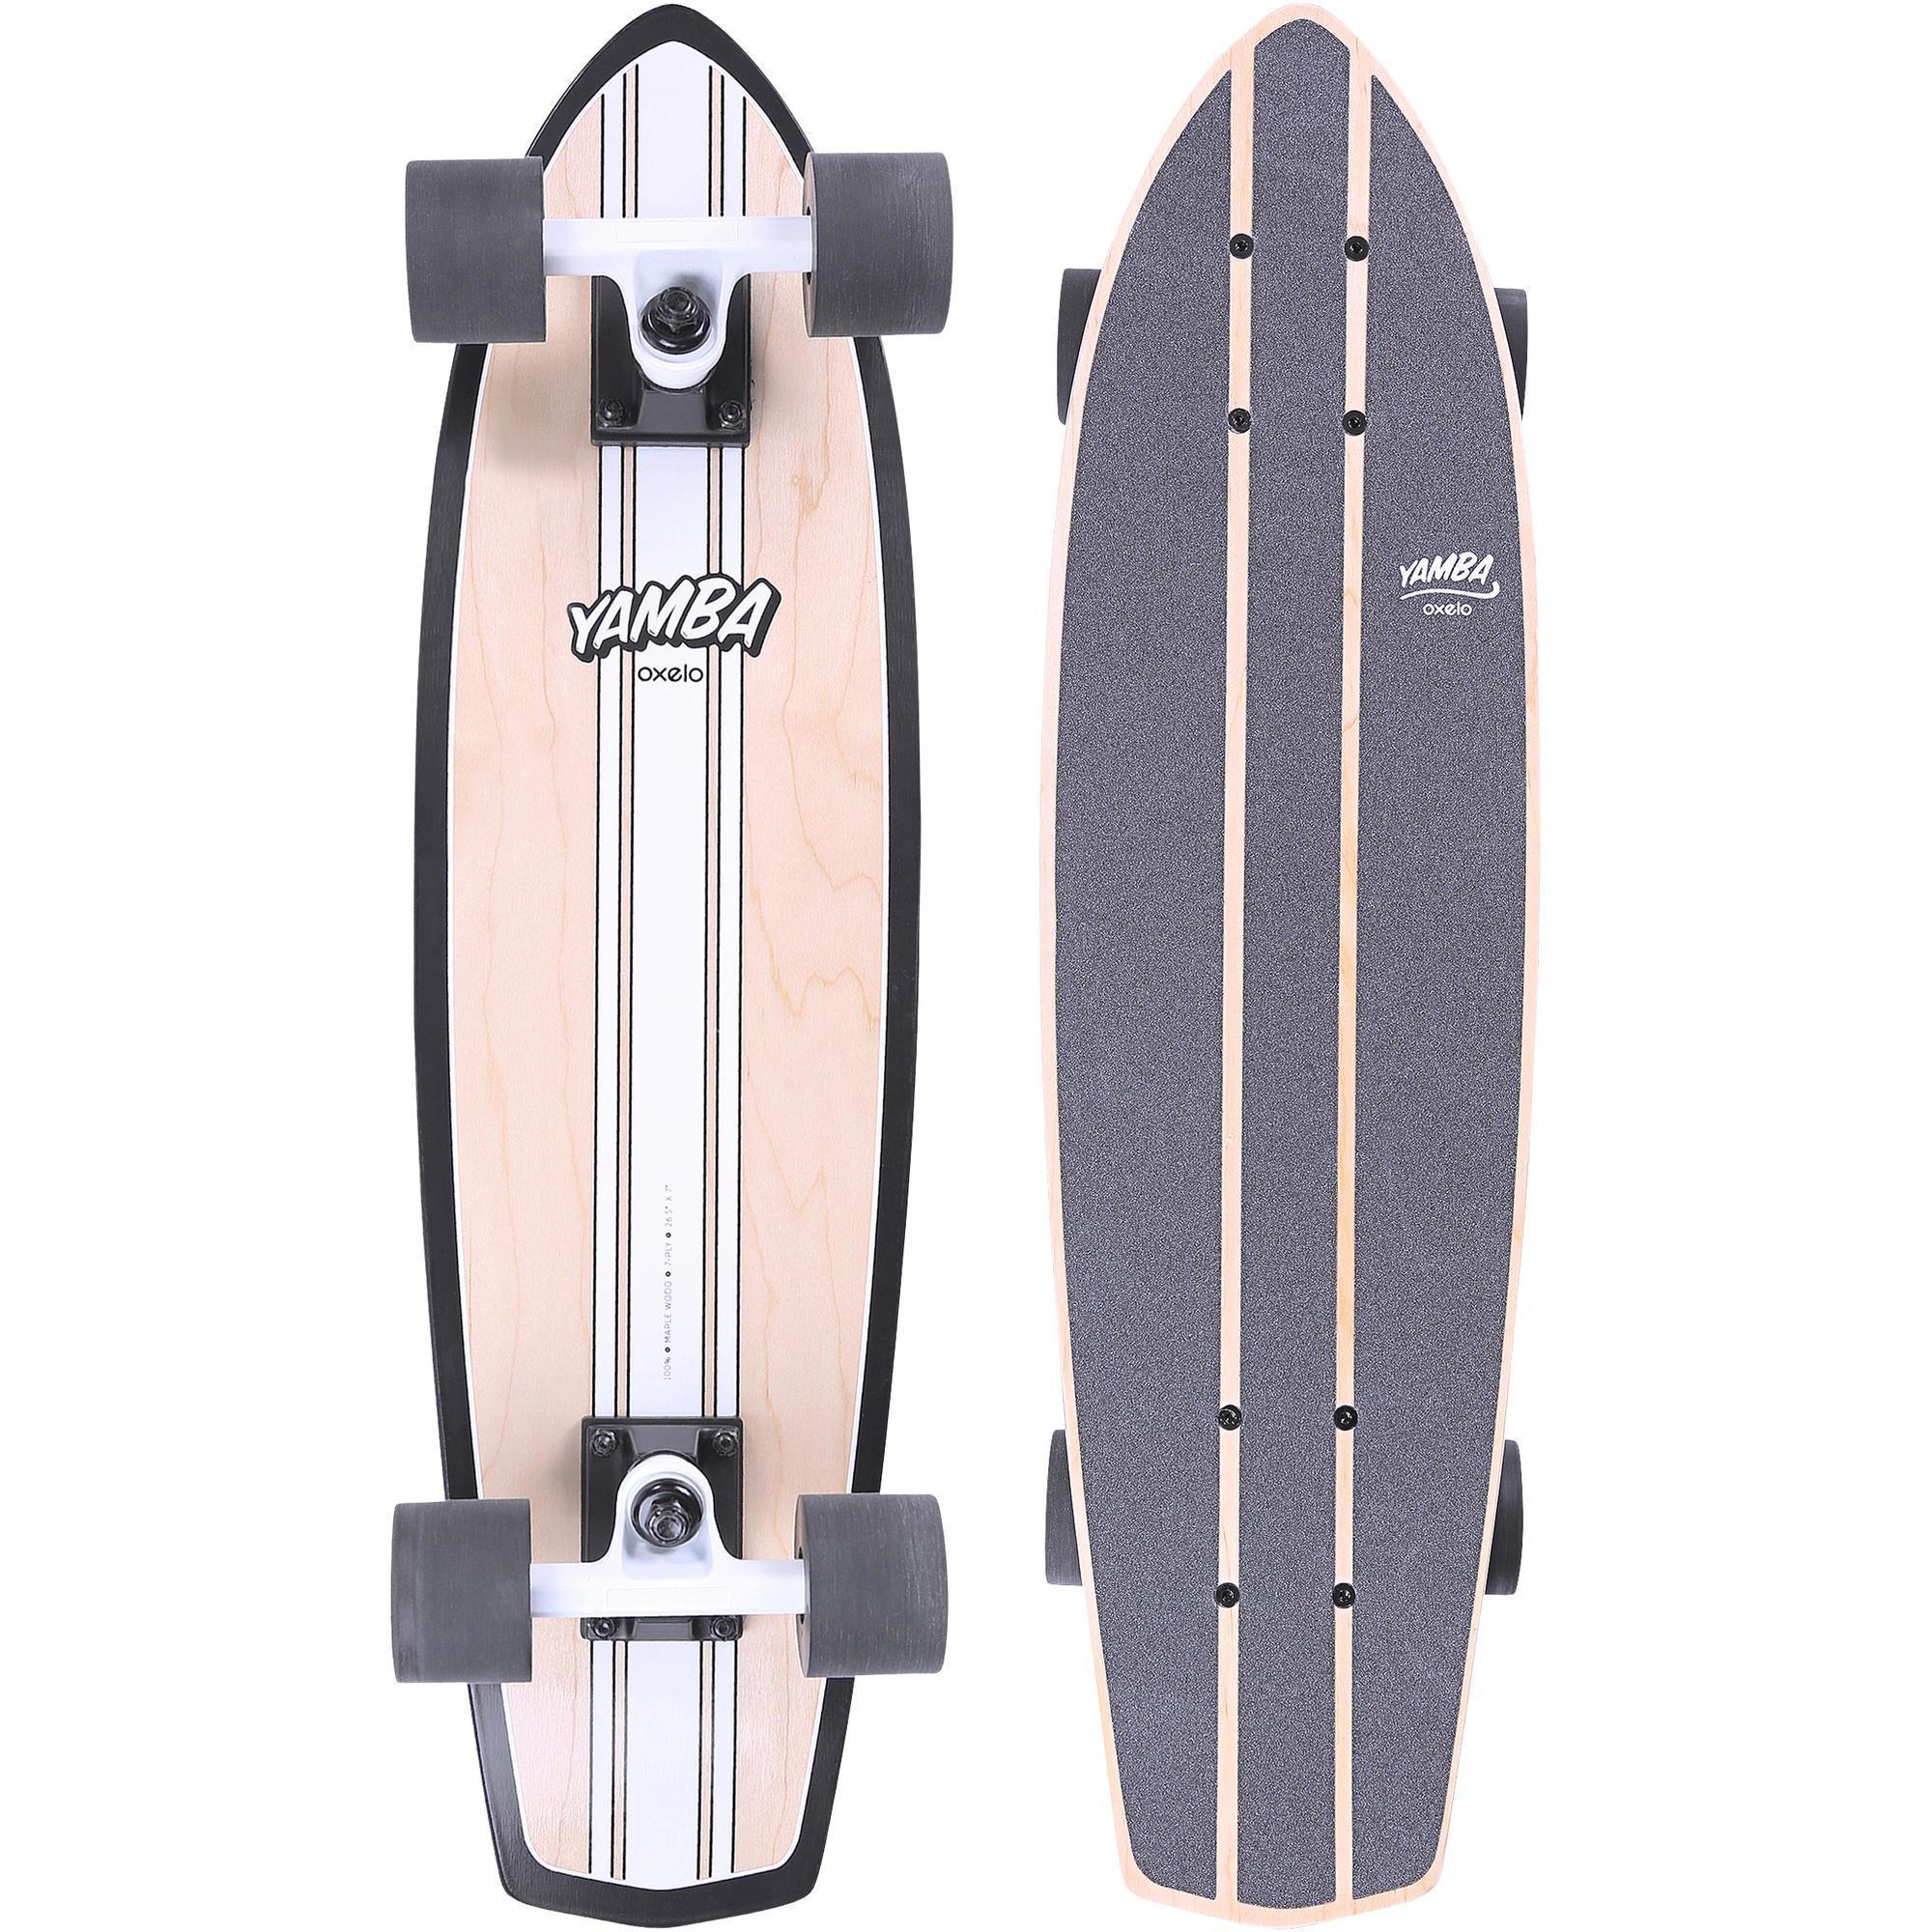 White Cruiser Skateboard Wheels